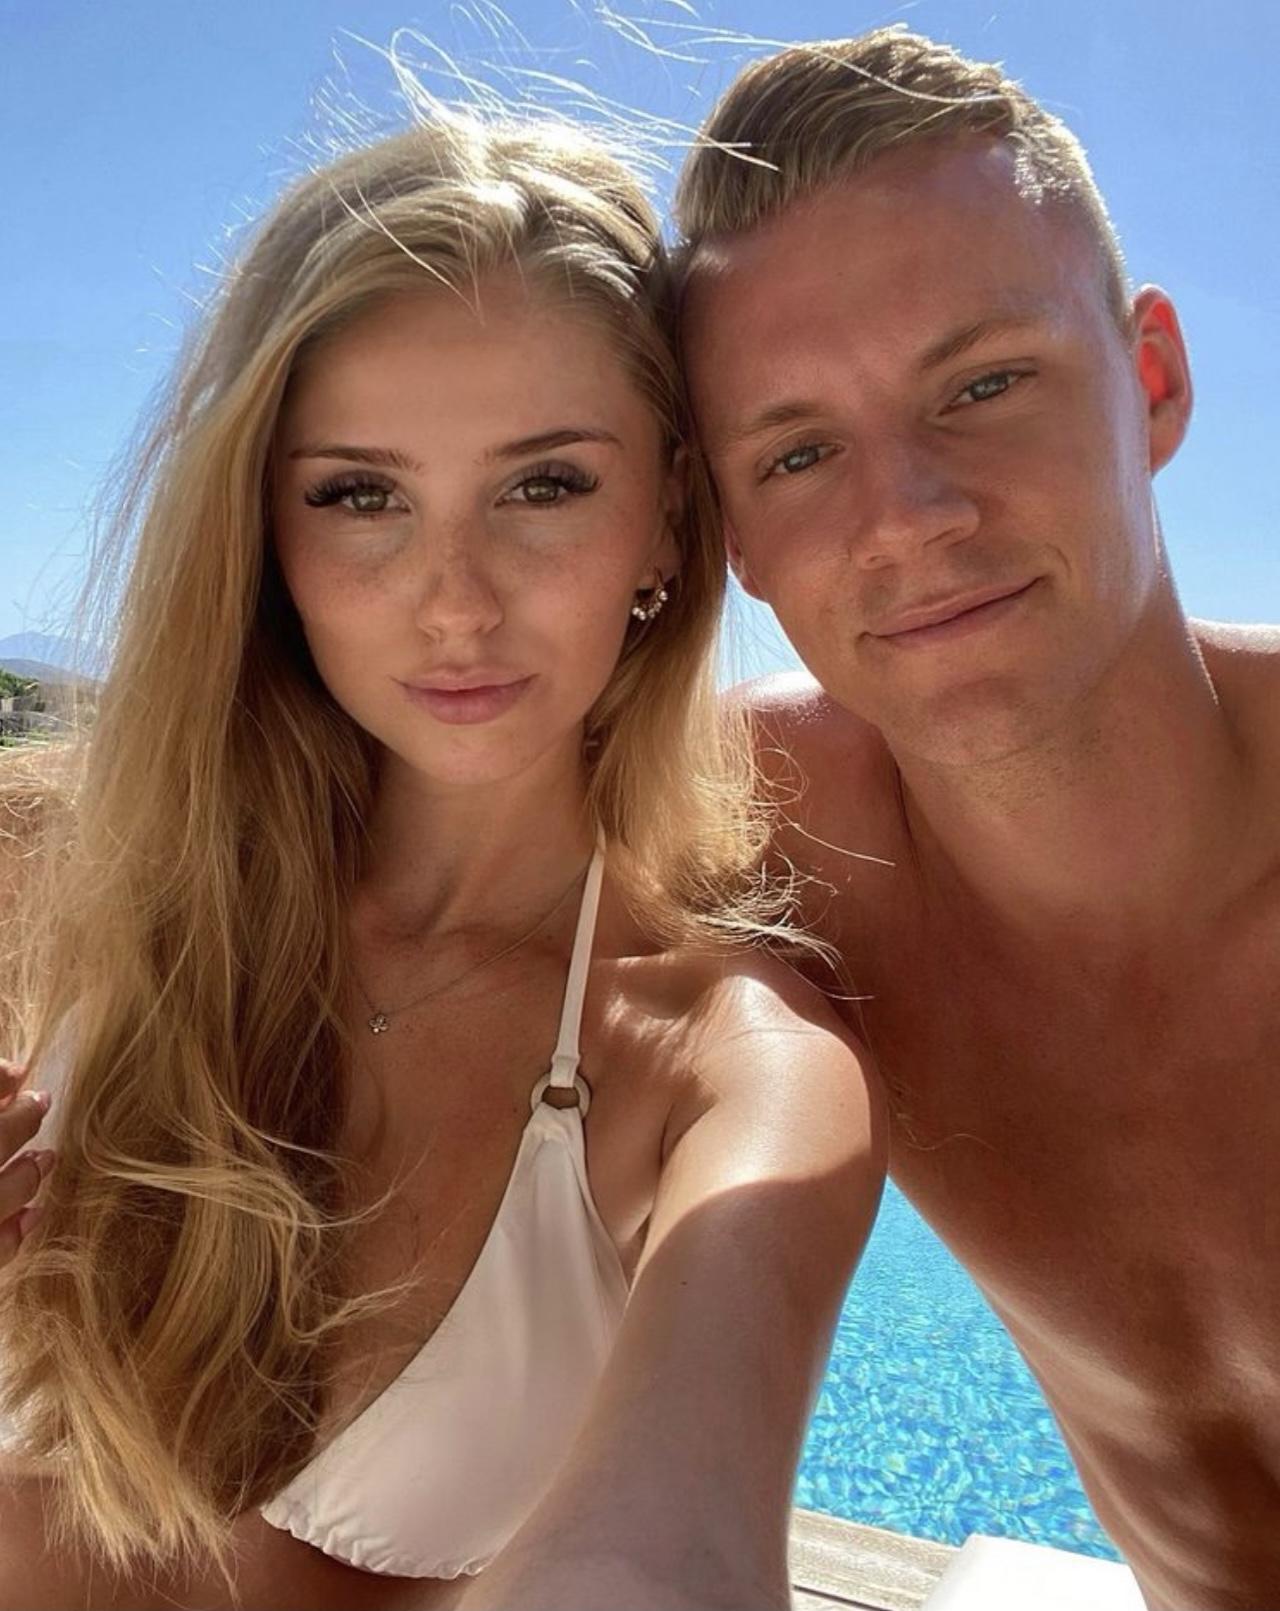 София Кристин — супруга голкипера лондонского «Арсенала» Бернда Лено